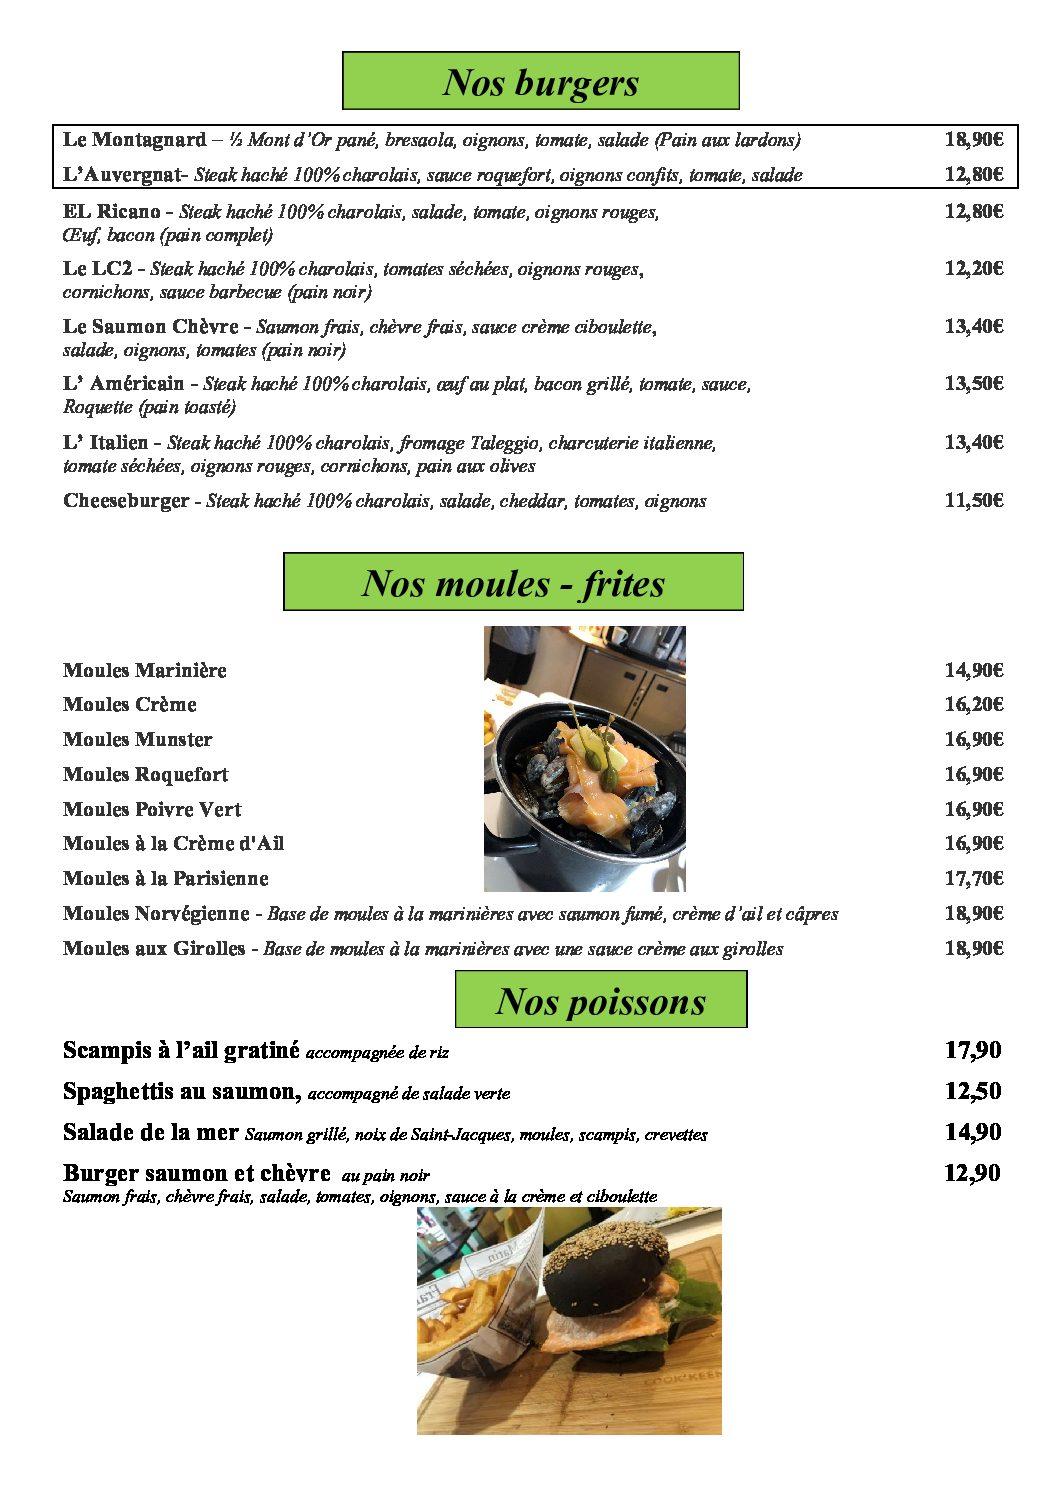 page 12 - les burgers et moules